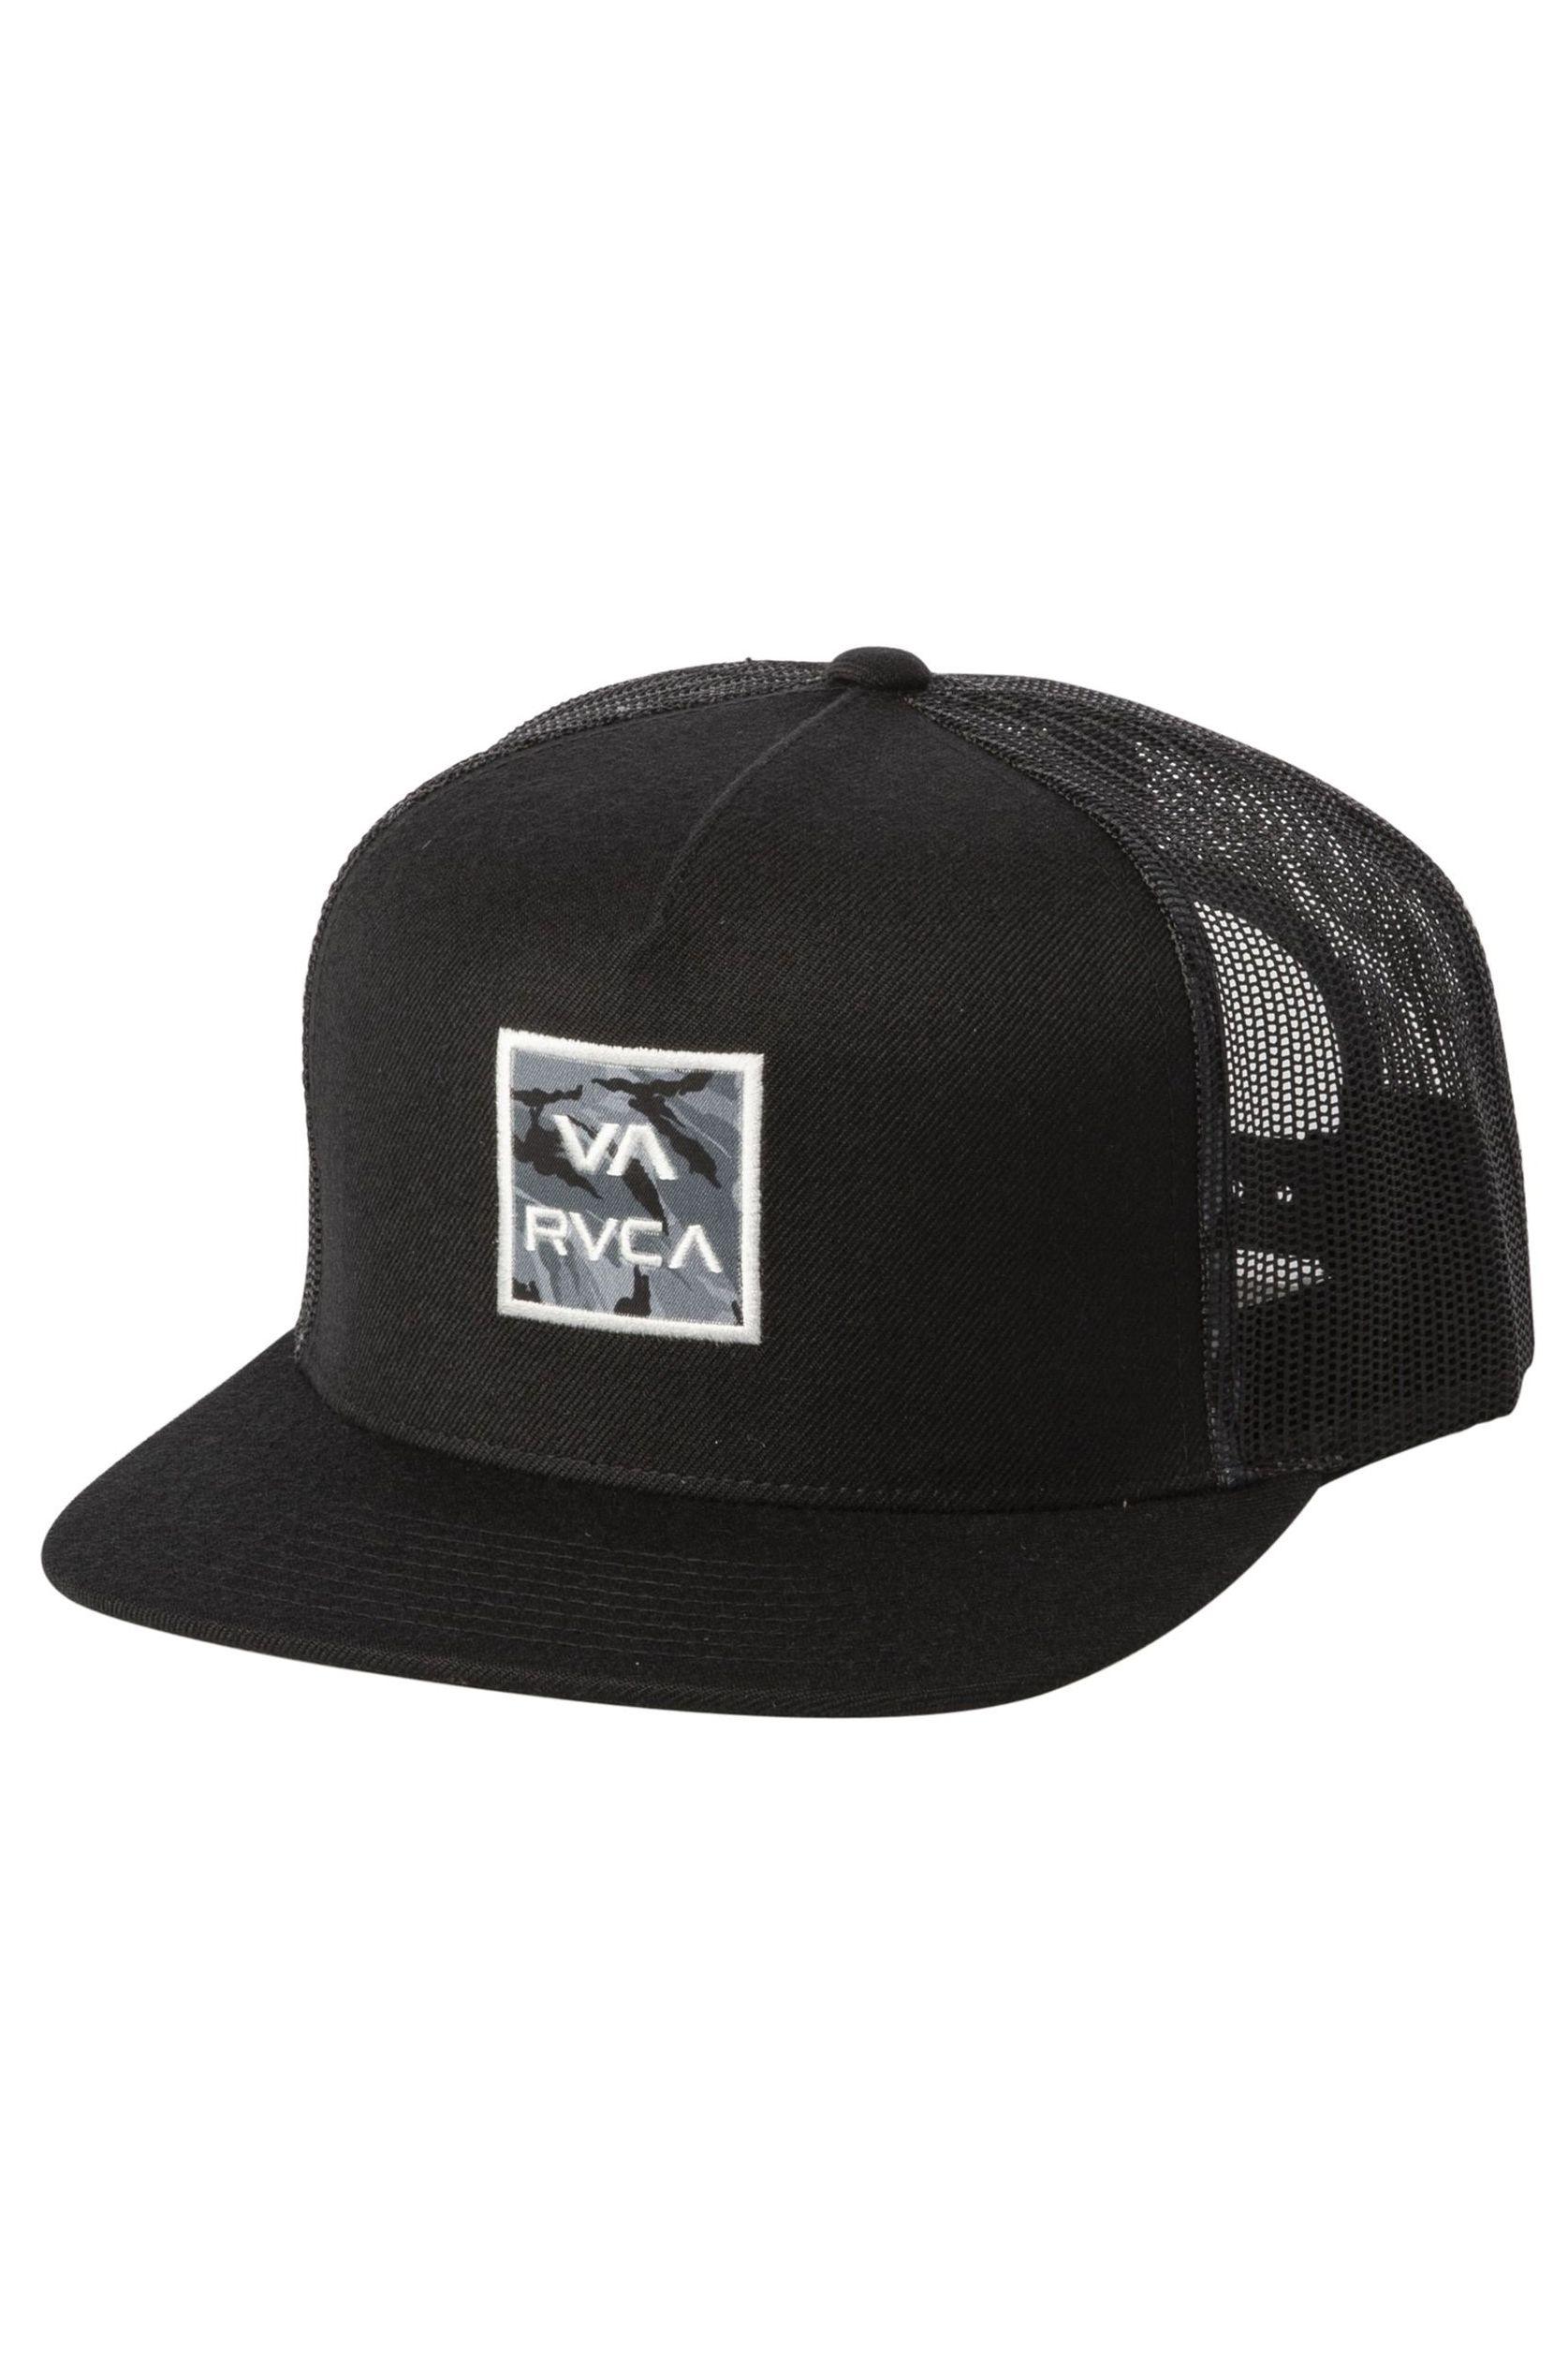 RVCA Cap   VA ATW PRINT TRUCKER Black